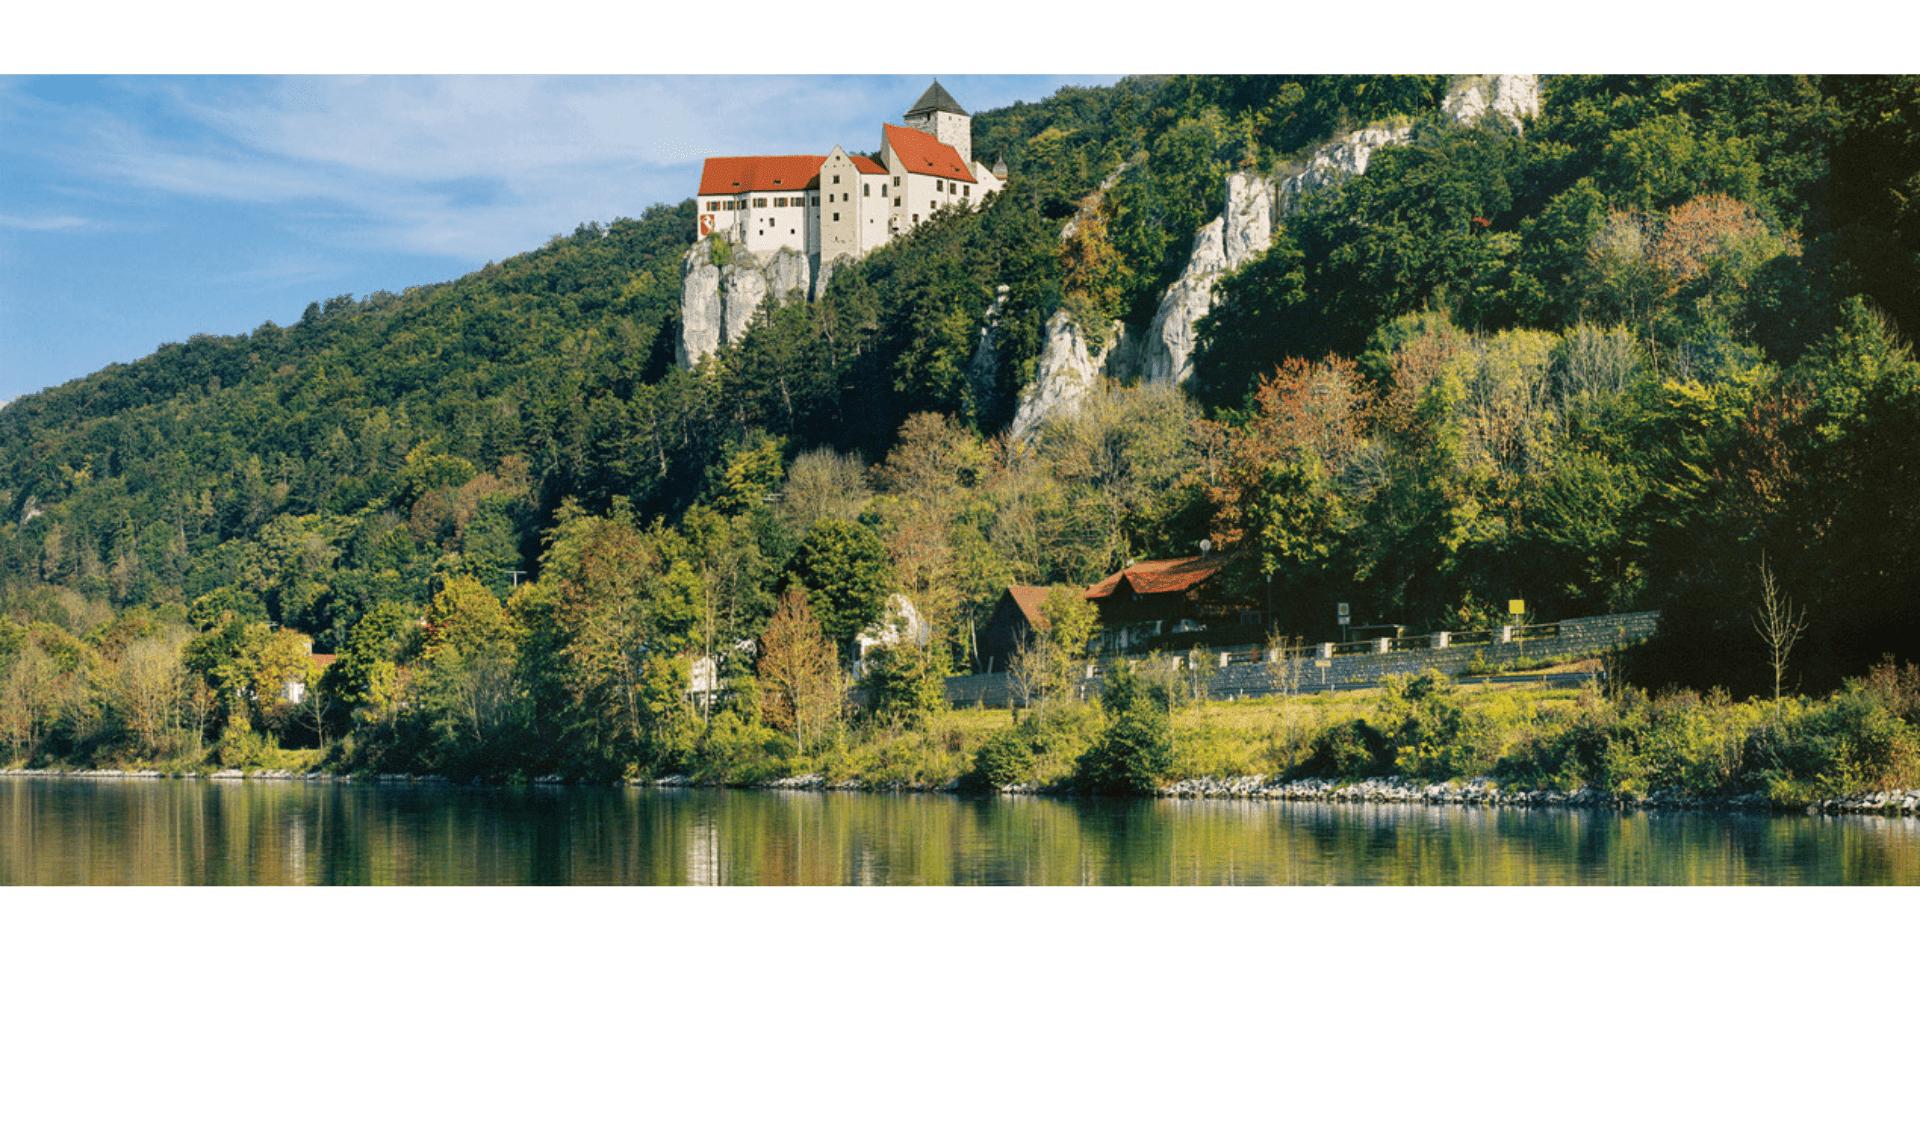 Fietsvakantie Langs Vijf rivieren in Beieren